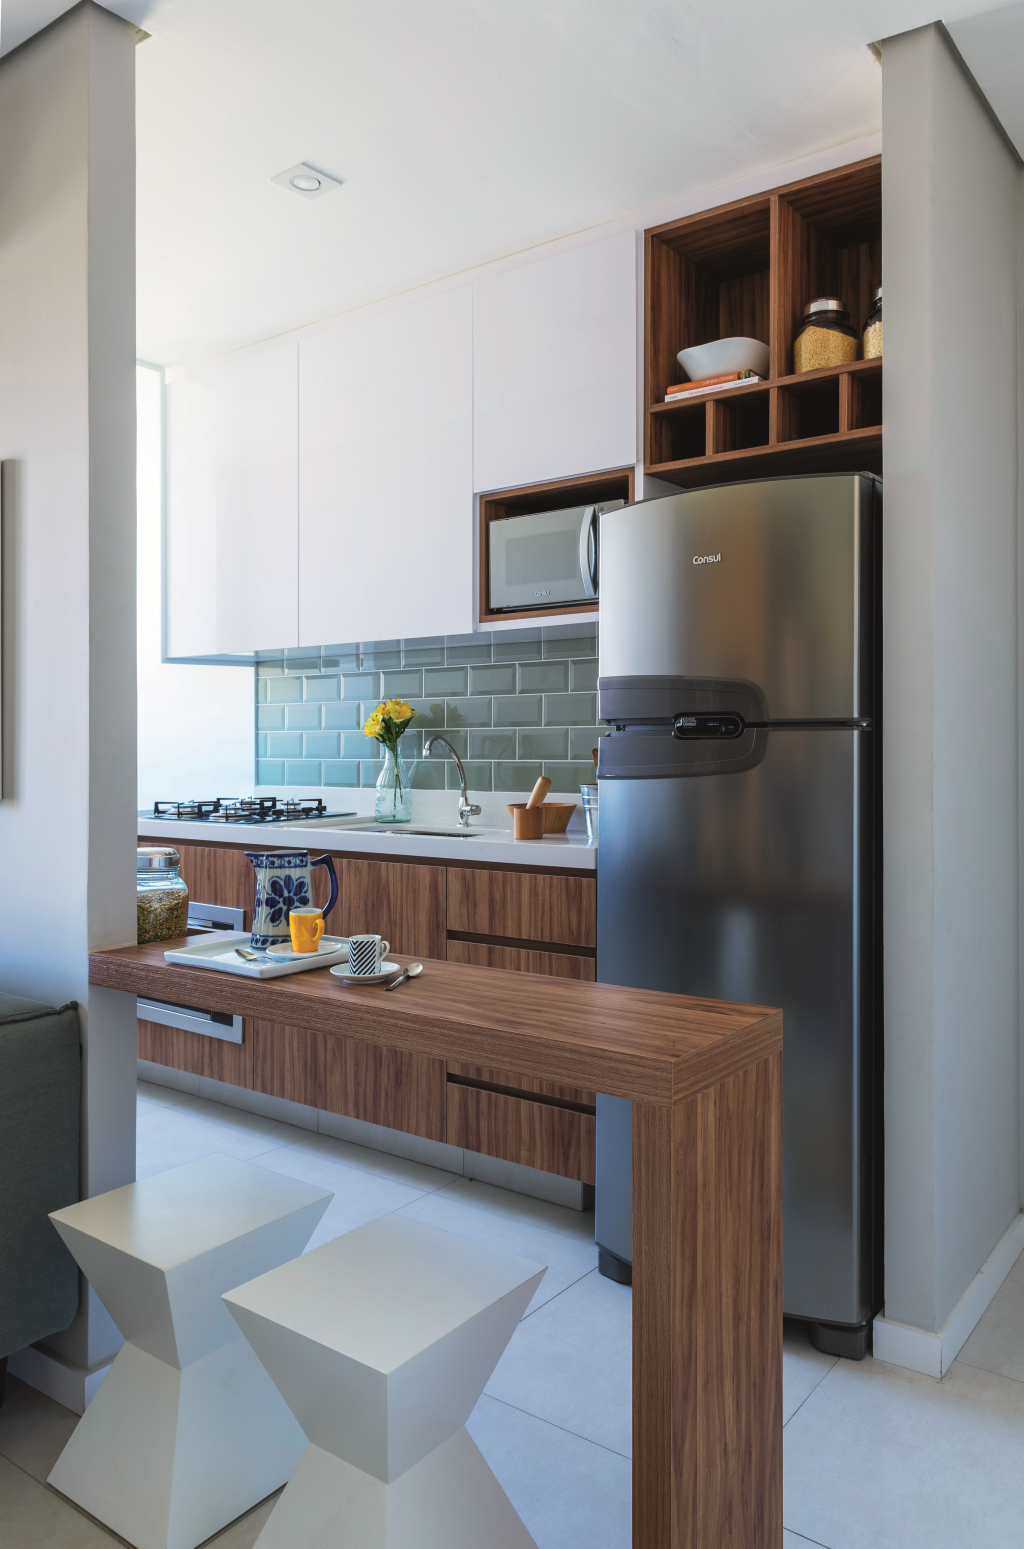 Apartamento pequeno 45 m decorados com charme e estilo for Apartamentos de diseno pequenos